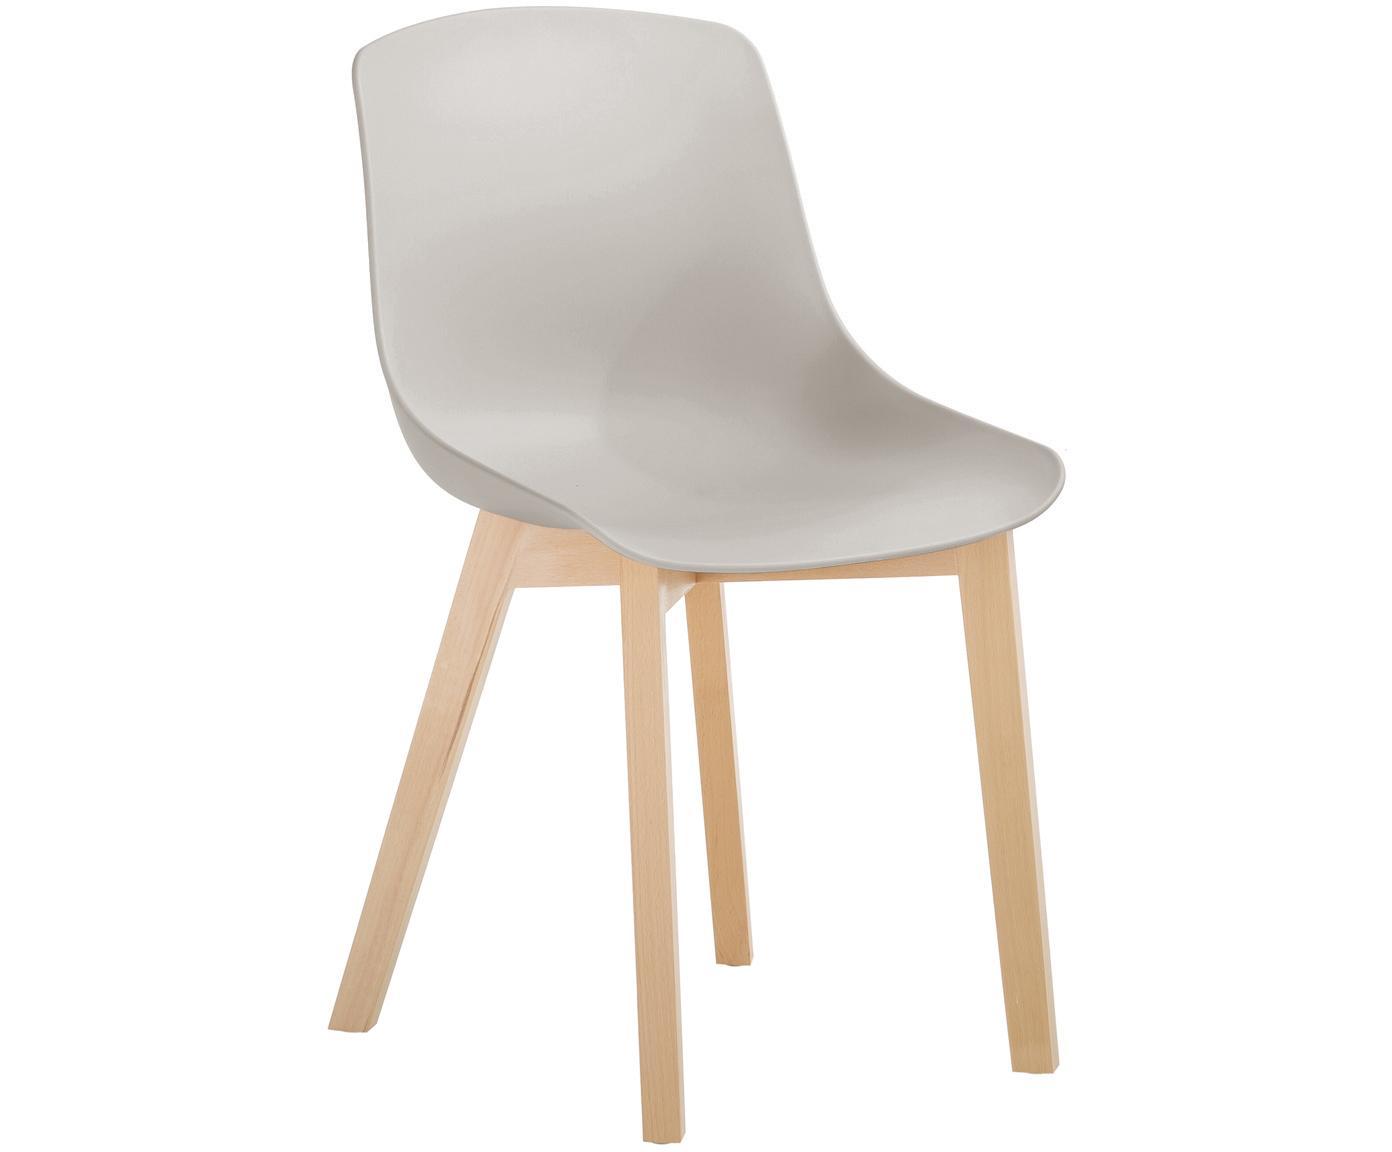 Kunststoffen stoelen Dave met houten poten, 2 stuks, Zitvlak: kunststof, Poten: beukenhout, Beigegrijs, 46 x 82 cm